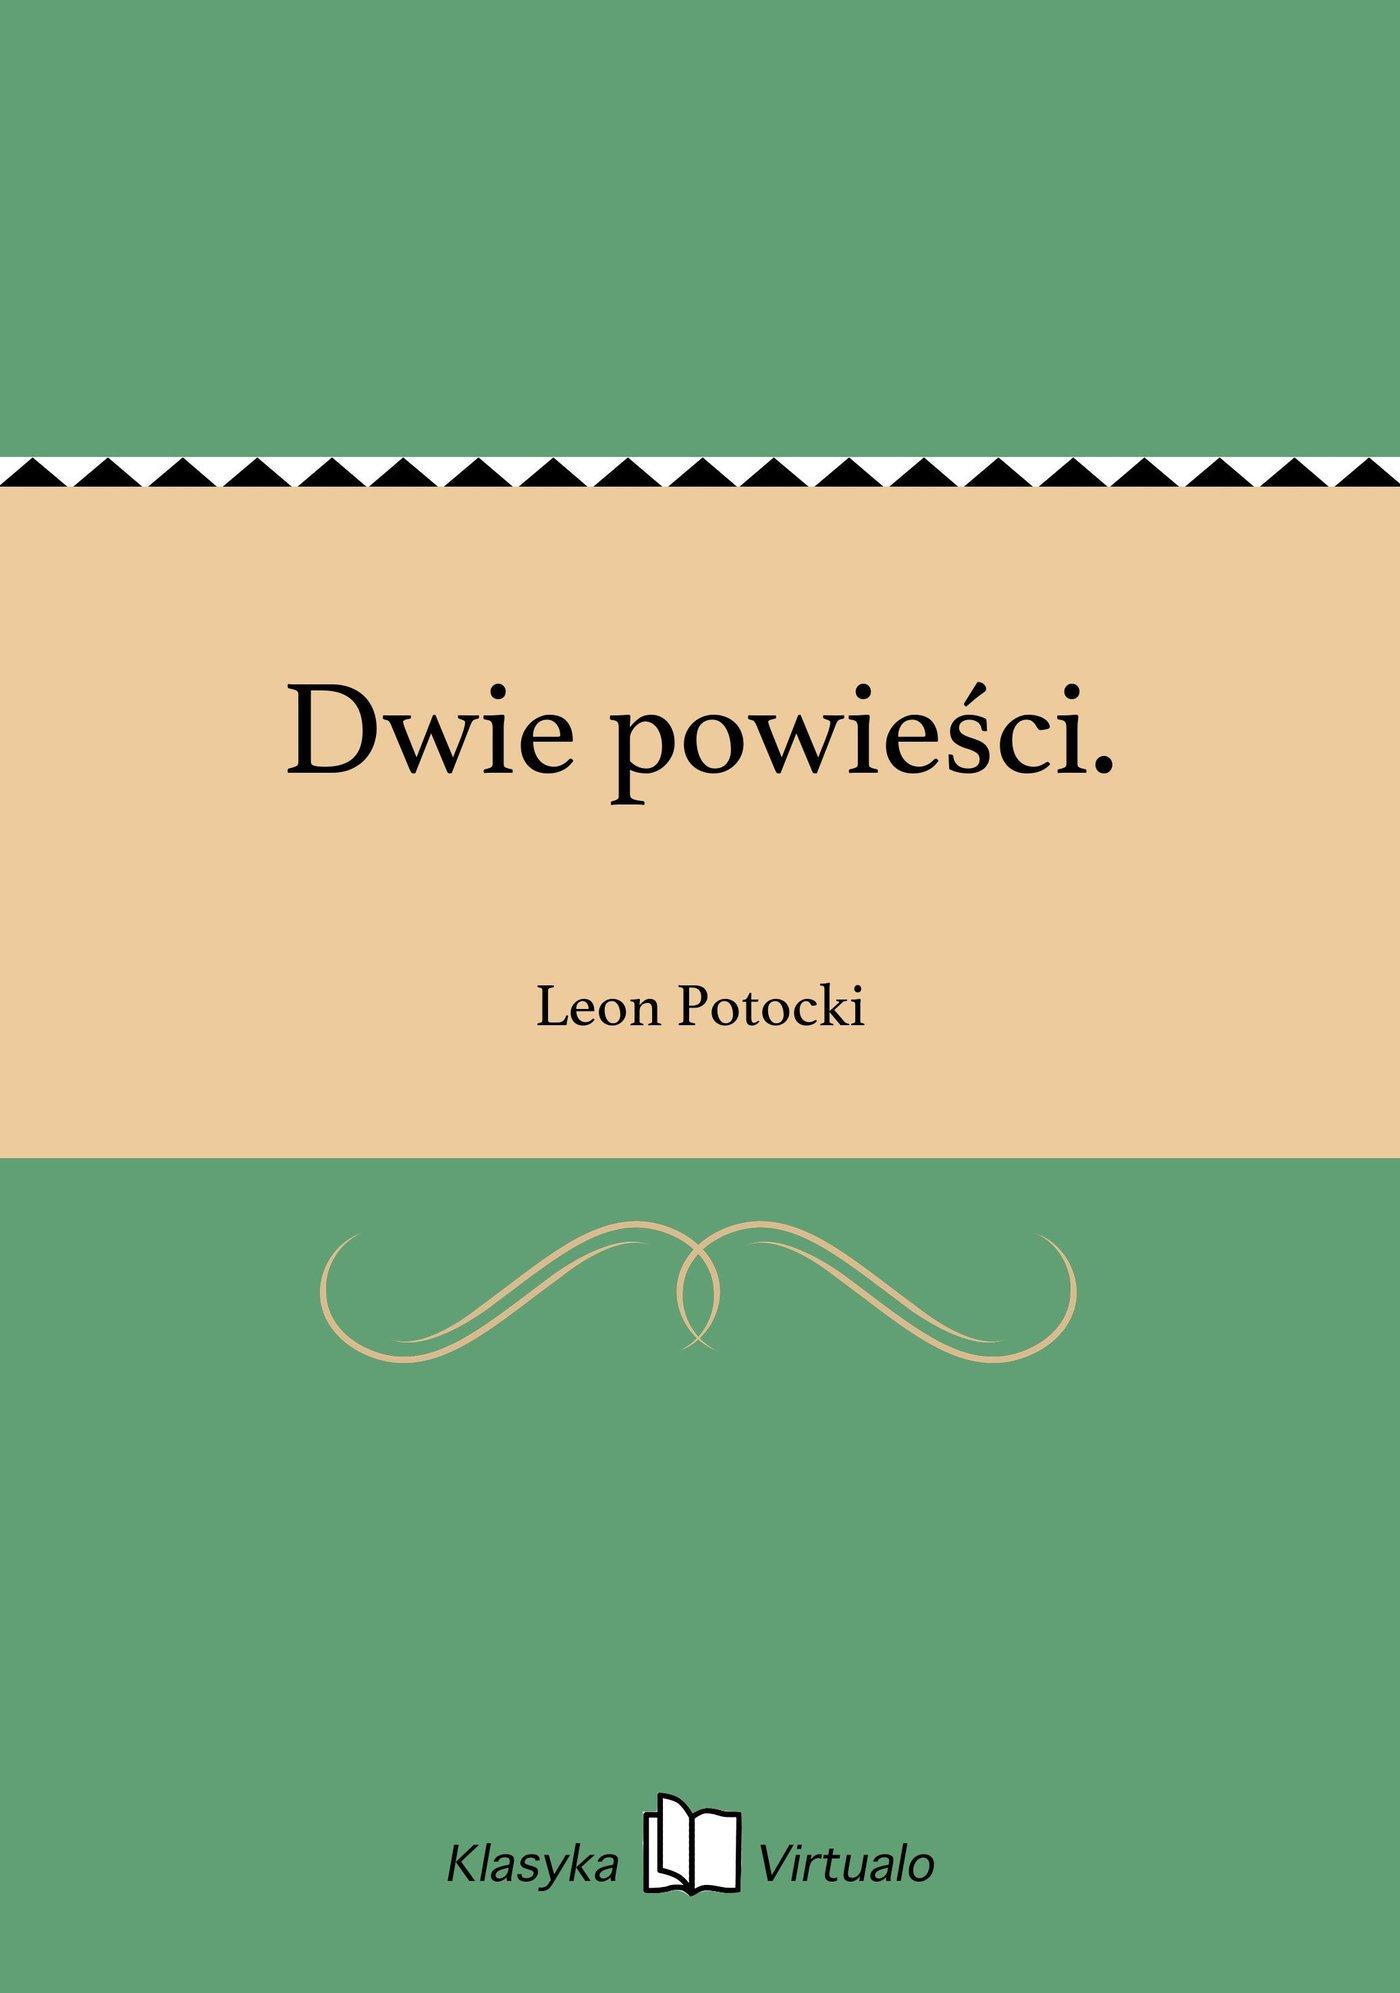 Dwie powieści. - Ebook (Książka EPUB) do pobrania w formacie EPUB